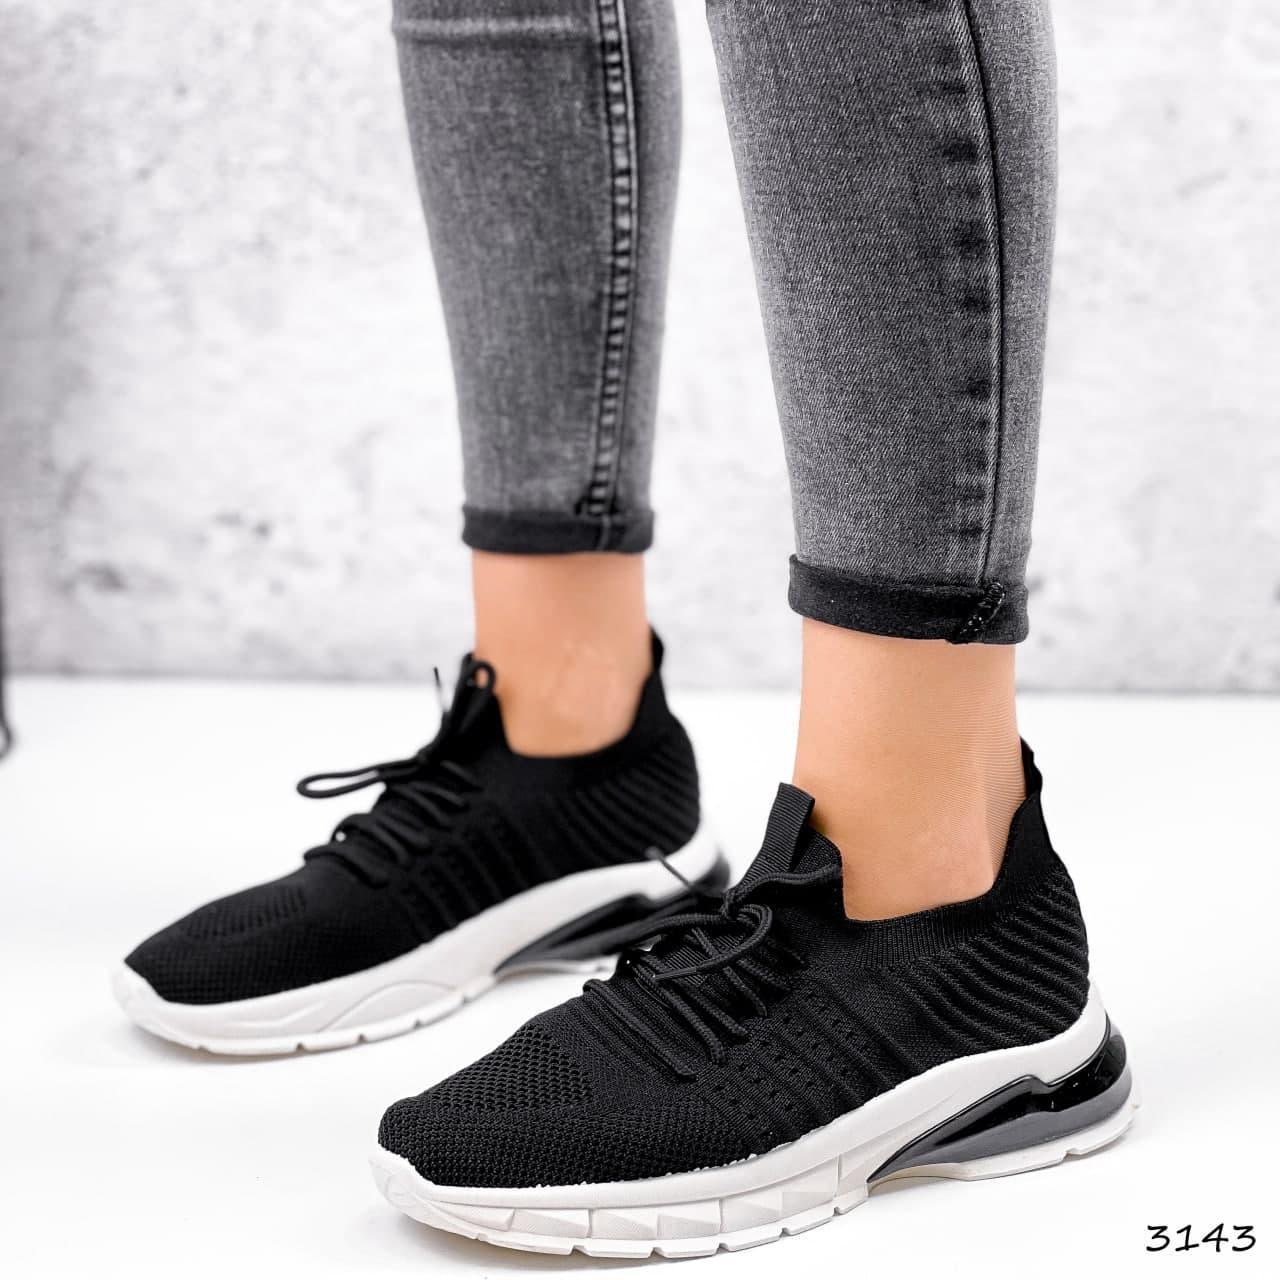 Кроссовки женские с сеточкой черные на белой подошве. Кроссовки спортивные текстильные, тканевые